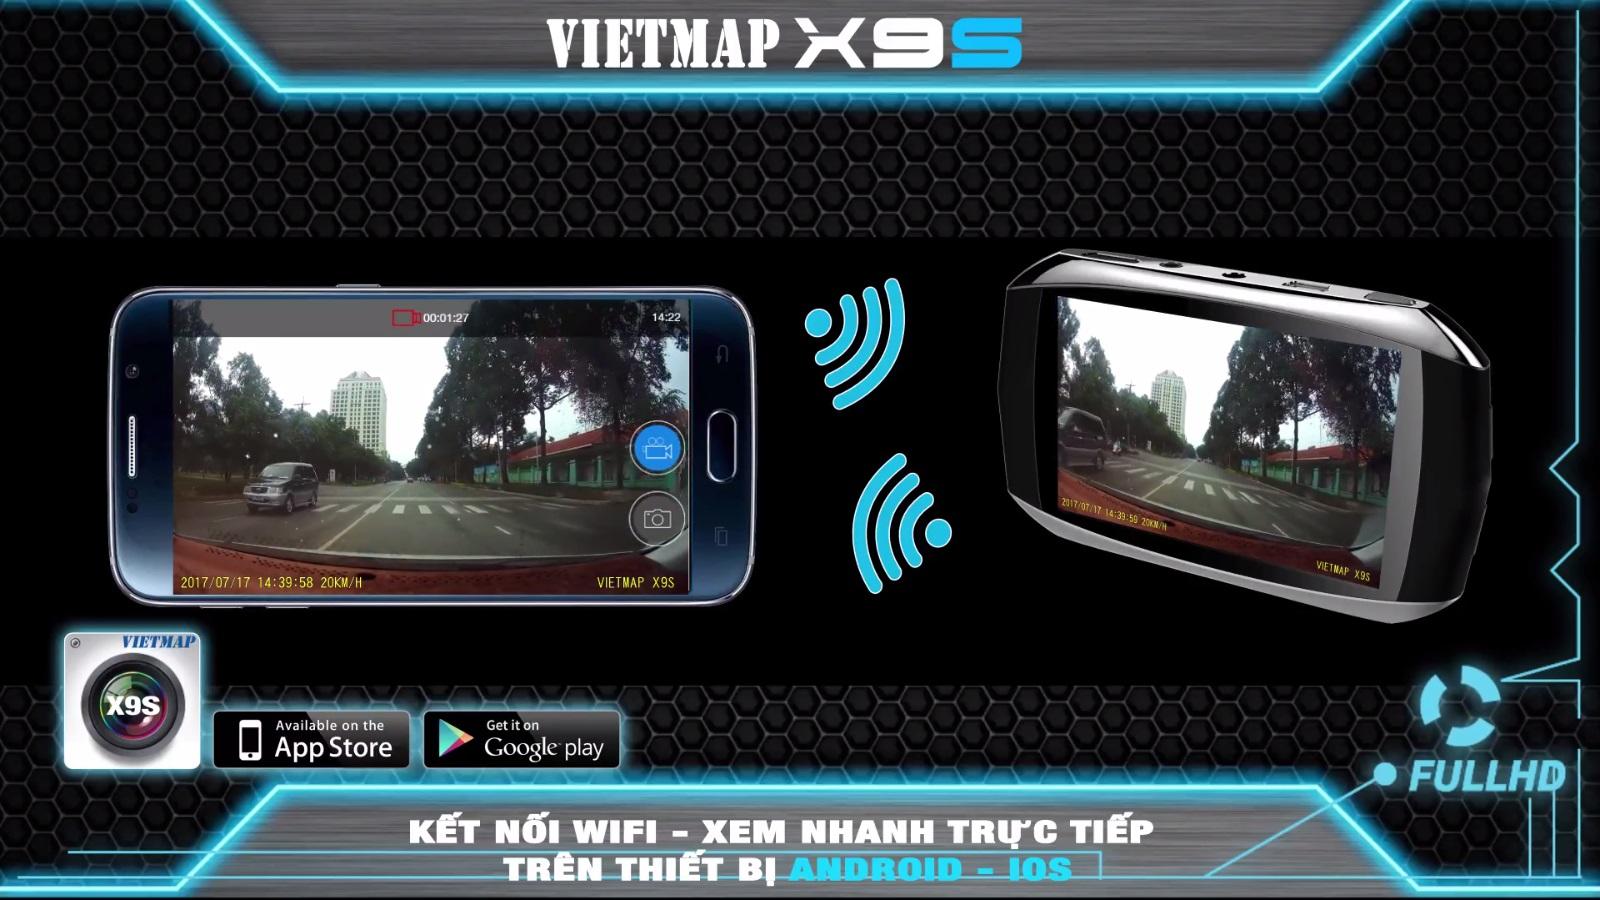 Gắn Camera Hành Trình Cho Ô Tô Xem Trên Điện Thoại Tại Hóc Môn | VietMap X9S